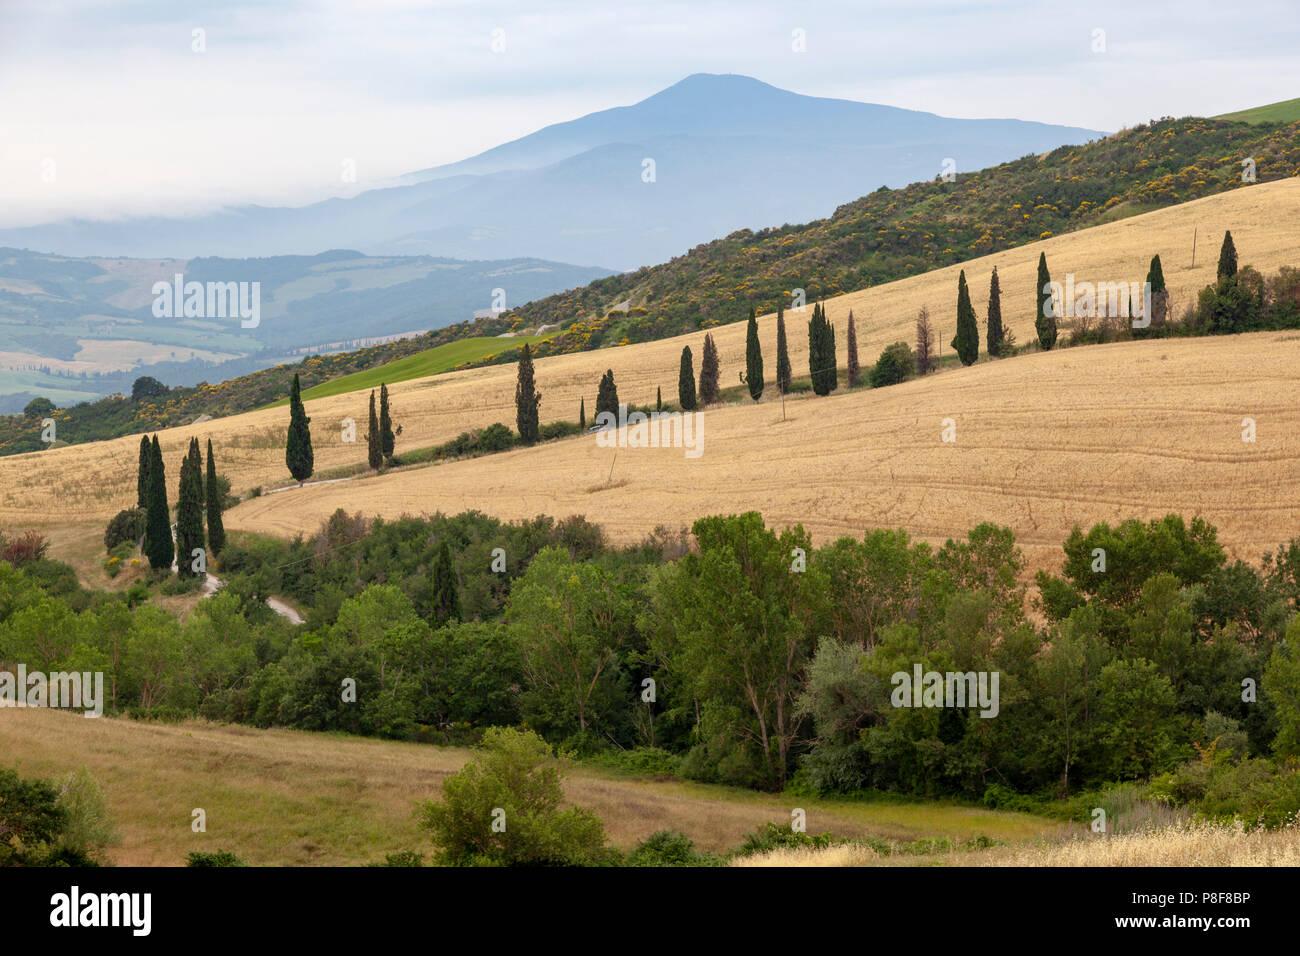 À proximité de Montepulciano, un alignement de cyprès le long d'une voie avec en arrière-plan le Mont Amiata (Toscane). Aux environs de Montepulciano. Photo Stock